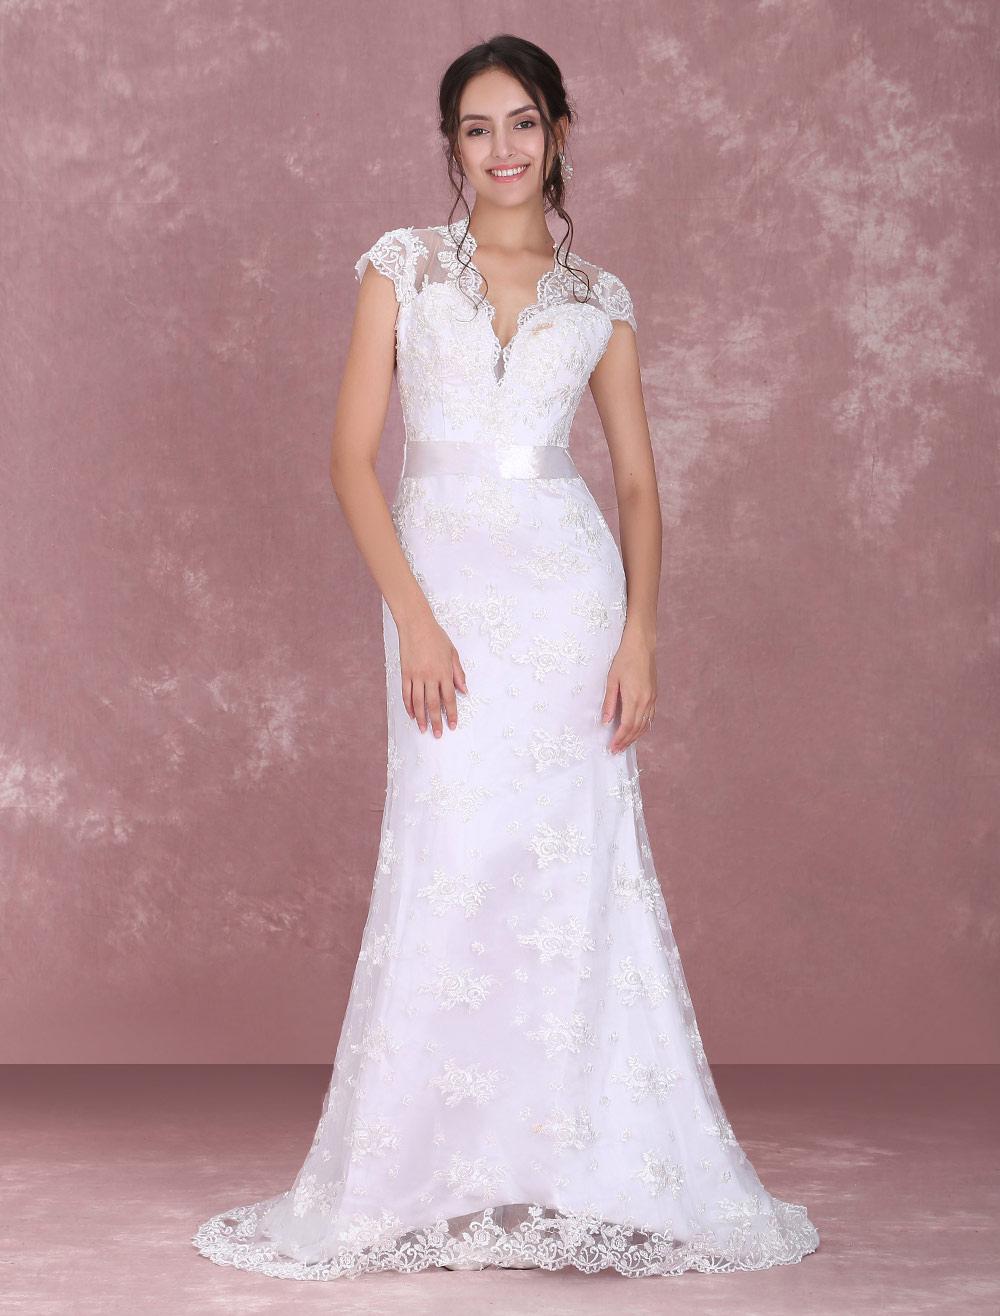 c987872c4f ... White Wedding Dress Lace V Neck Bridal Dress Backless Illusion Keyhole  Ribbon Sash Wedding Gown With ...